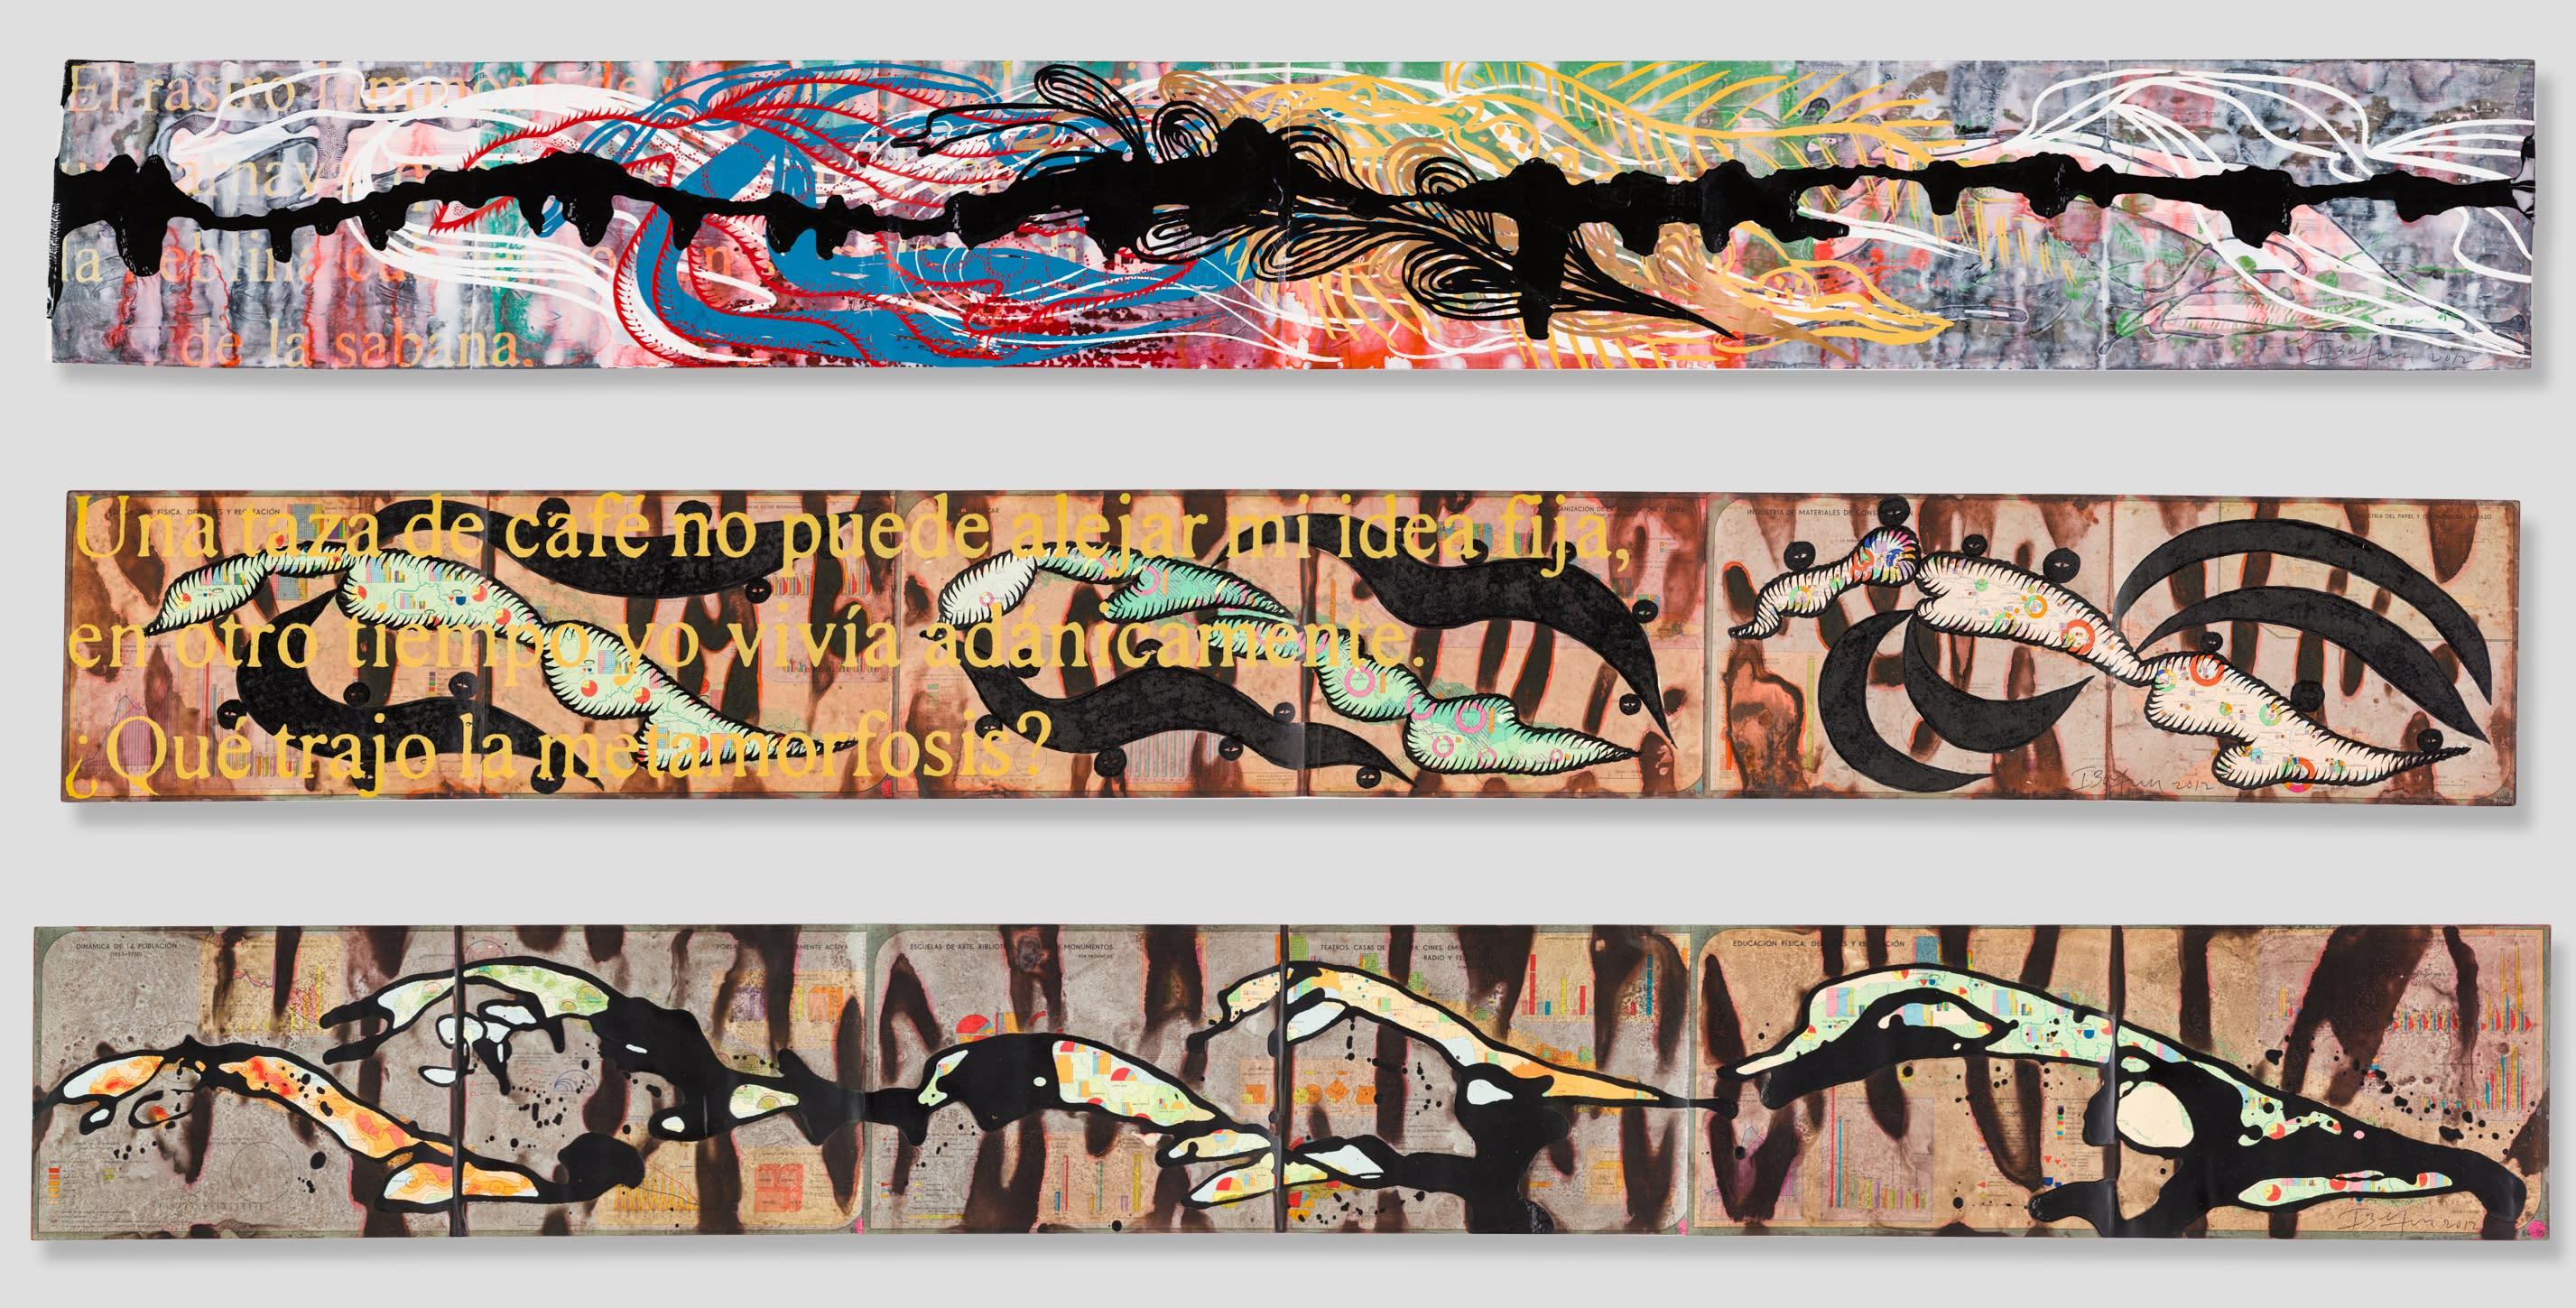 Ibrahim Miranda at Zane Bennett Gallery